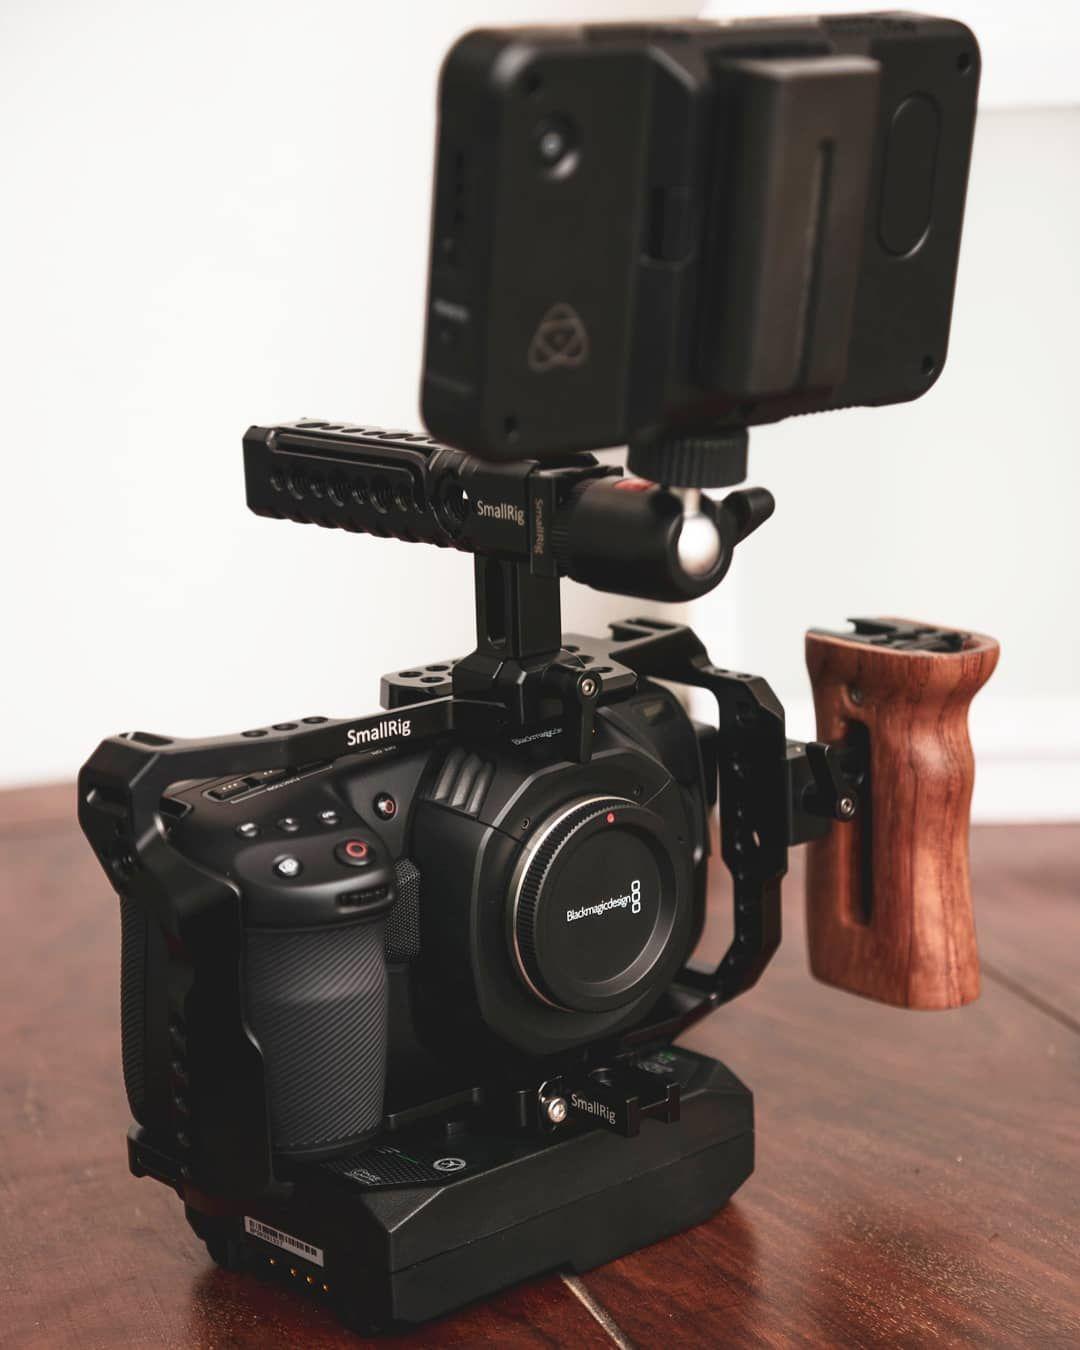 Pin By Josiah Barnett On Camera In 2020 Camera Rig Smallrig Blackmagic Design